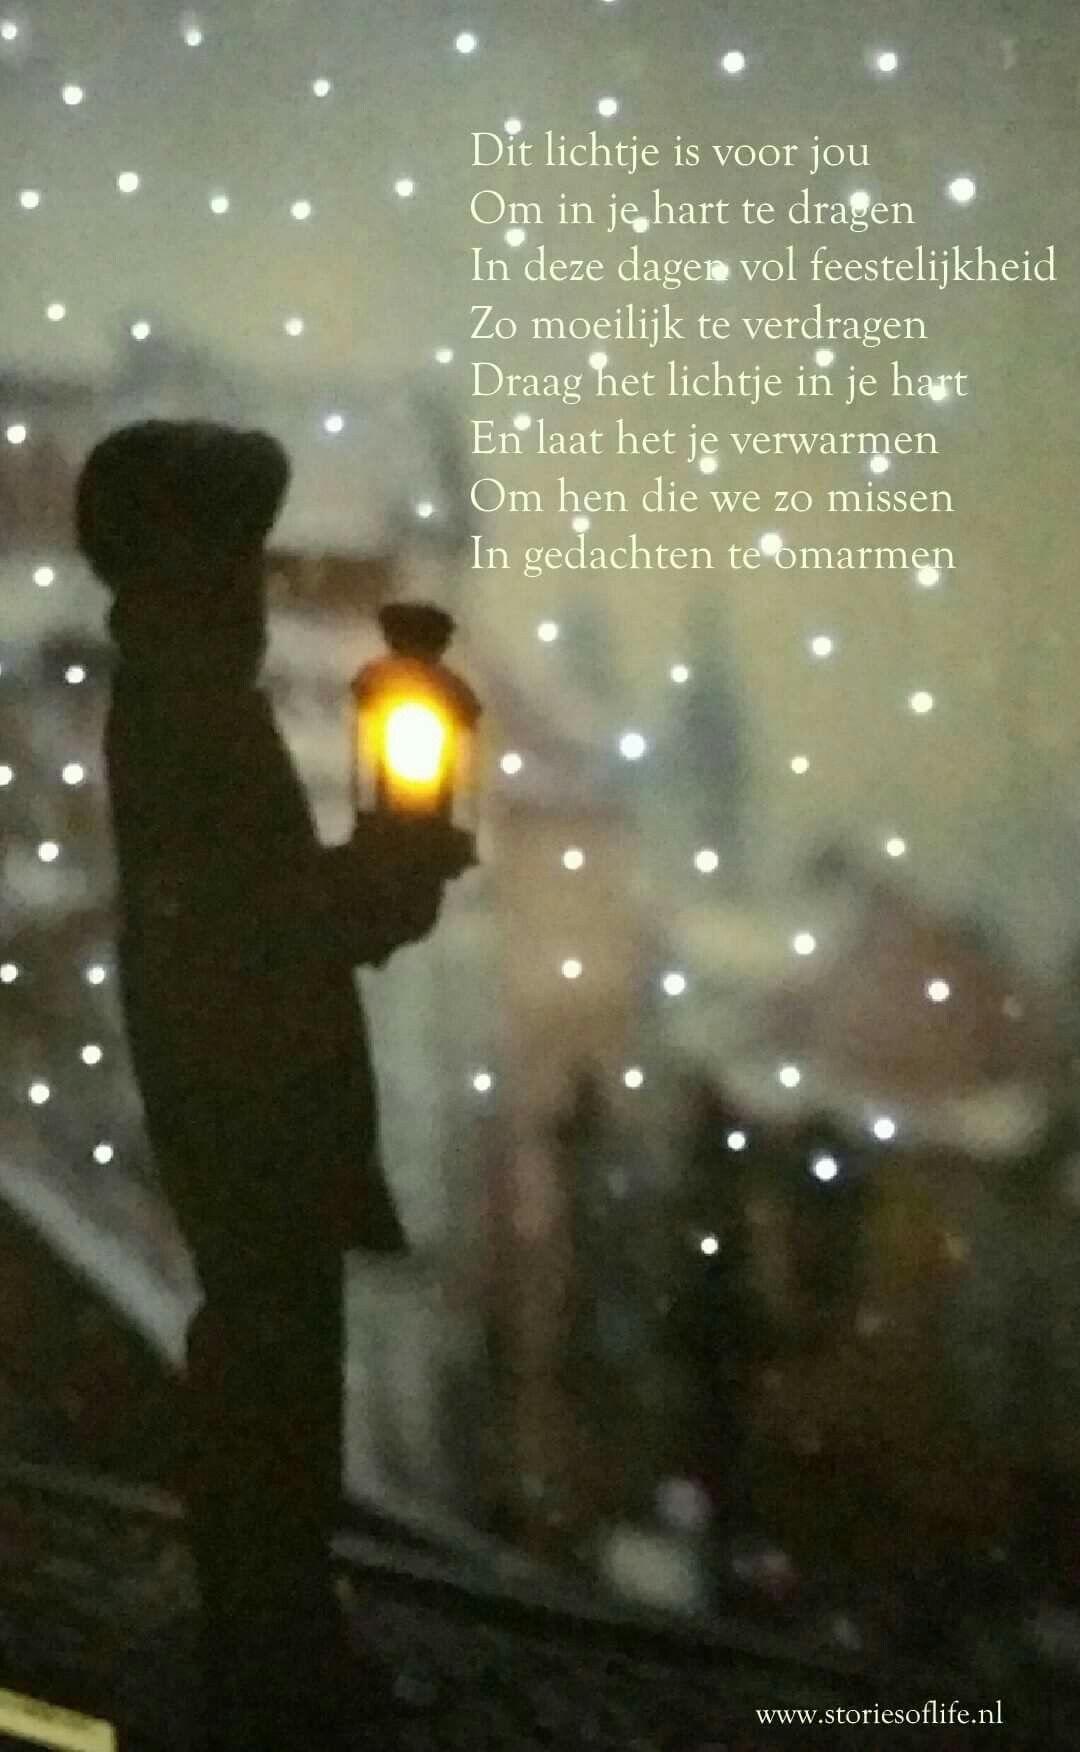 Dit lichtje is voor jou. Om in je hart te dragen. In deze dagen vol feestelijkheid. Zo moeilijk te verdragen. Draag het lichtje in je hart. En laat het je verwarmen. Om hen die we zo missen. In gedachten te omarmen. #knuffelvoorjou